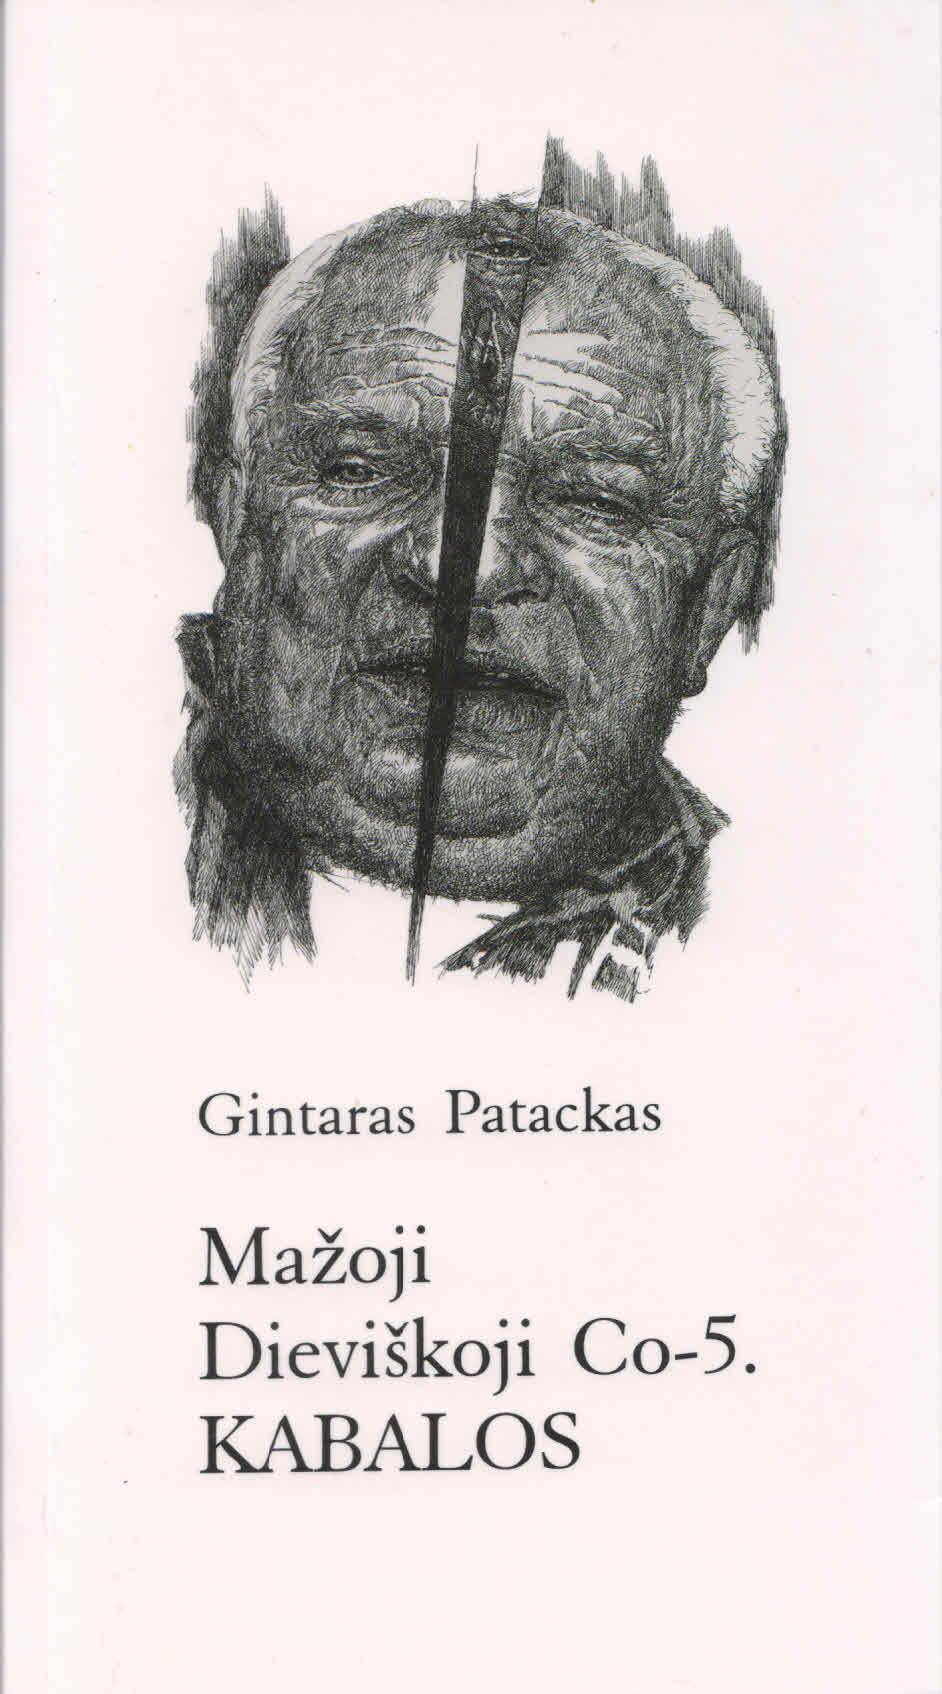 """Gintaras Patackas. """"Mažoji Dieviškoji Co-5. Kabalos"""" (Kaunas: Morkūnas ir Ko, 2017)"""